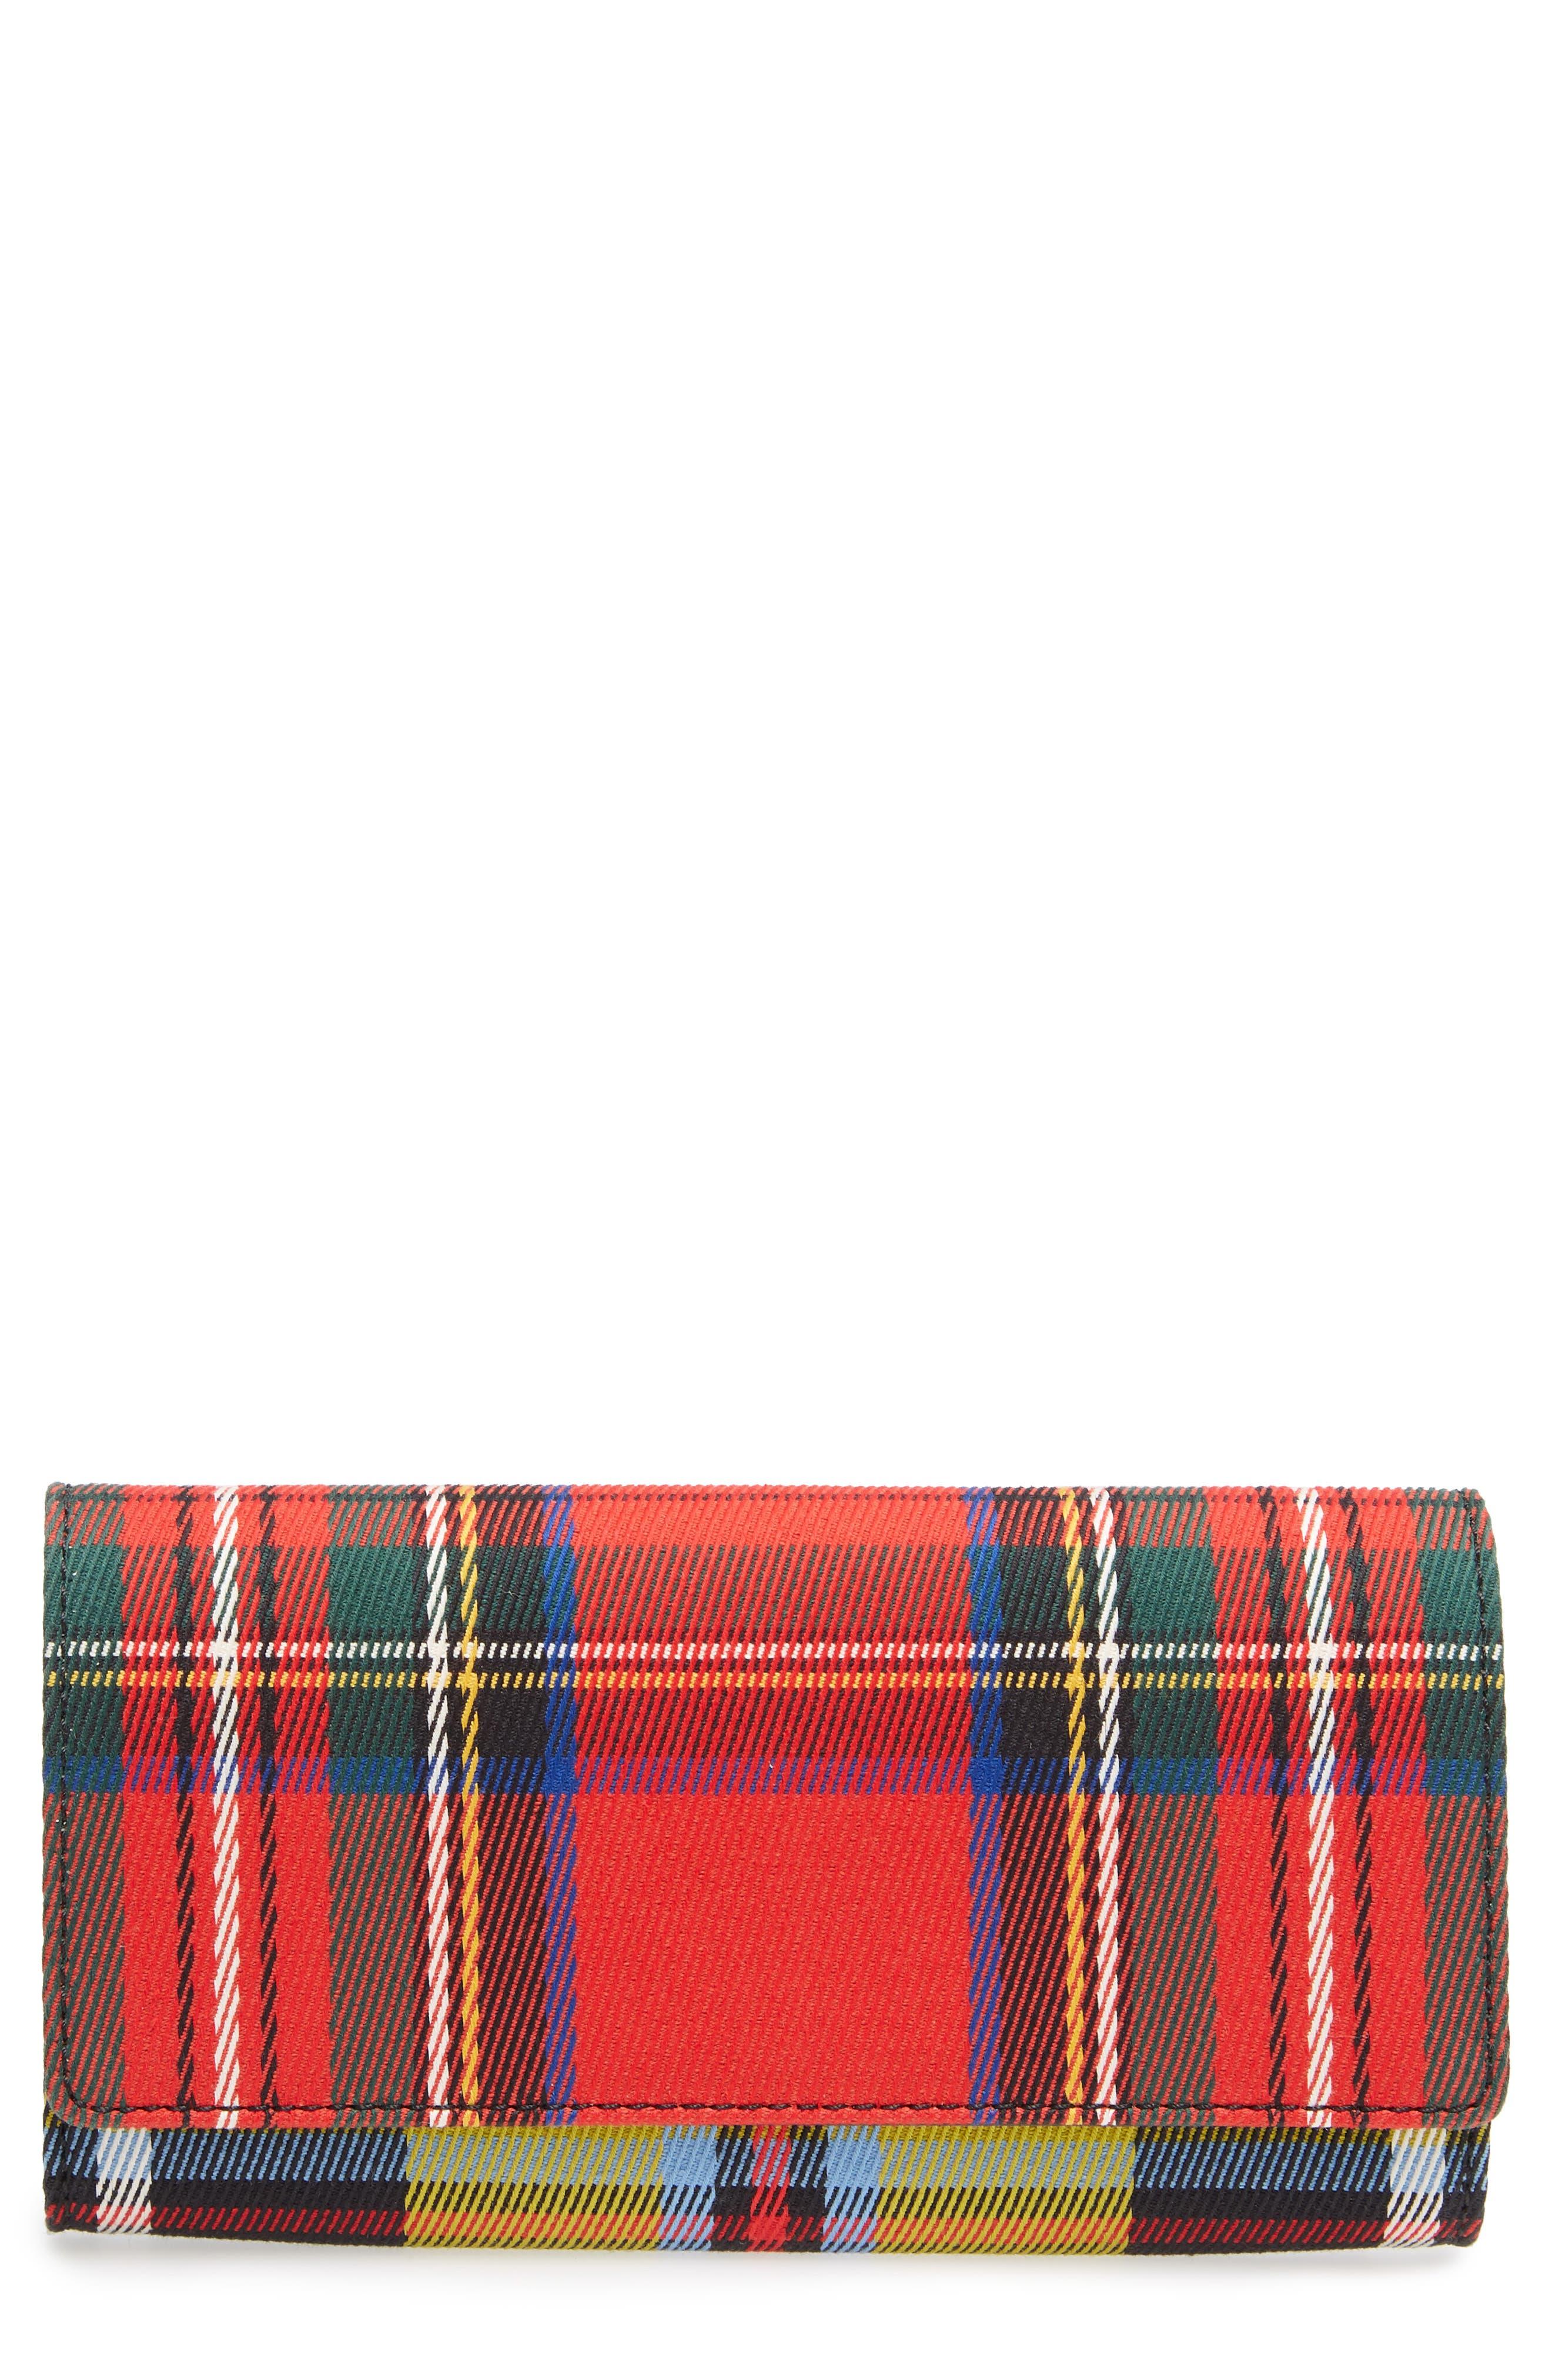 Burberry Halton Tartan Mix Continental Wallet